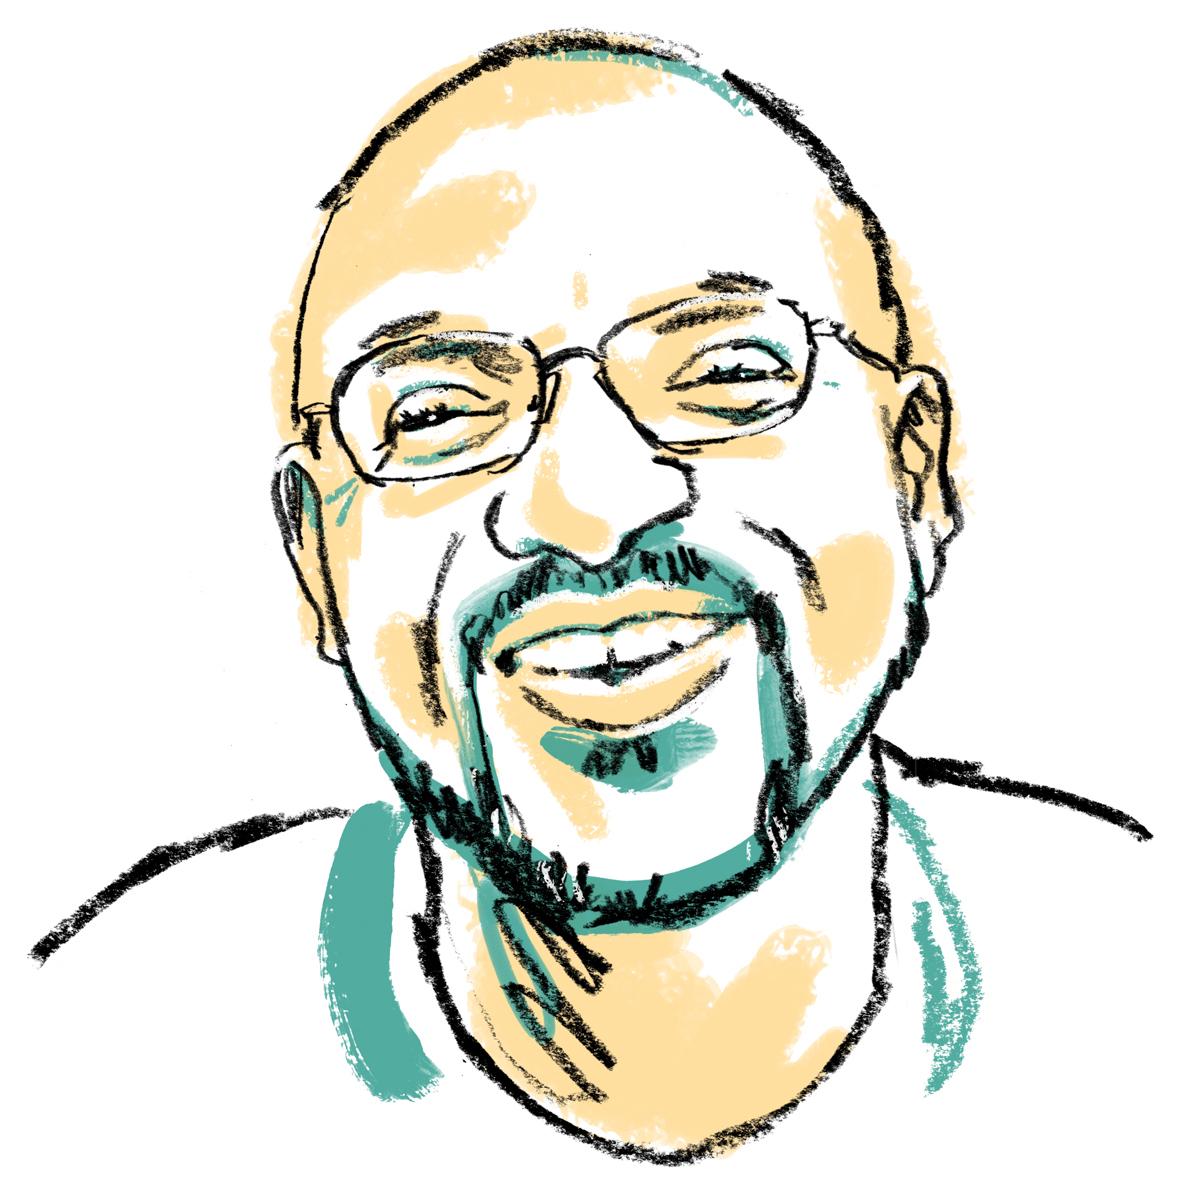 Jonny Ruzzo - Kwame Dawes Illustration.jpg